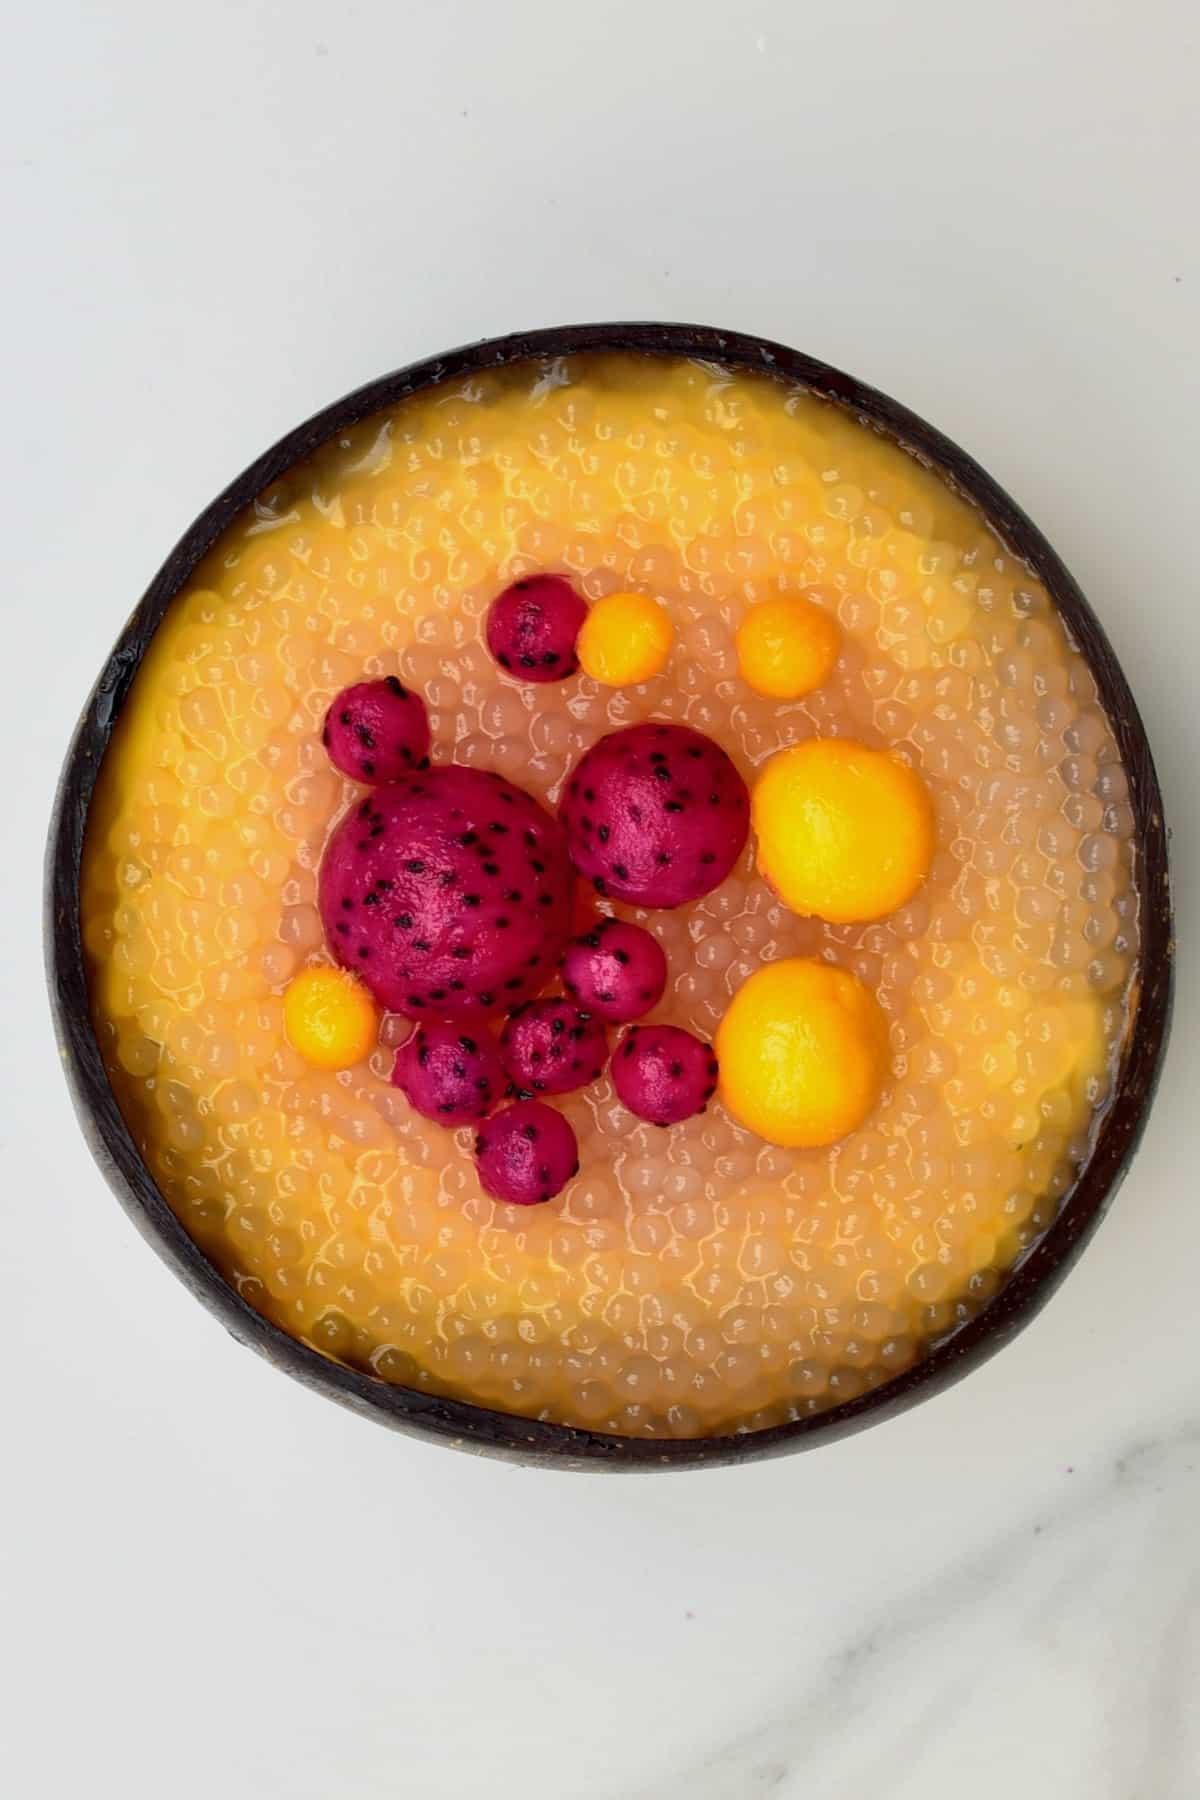 Mango sago in a bowl